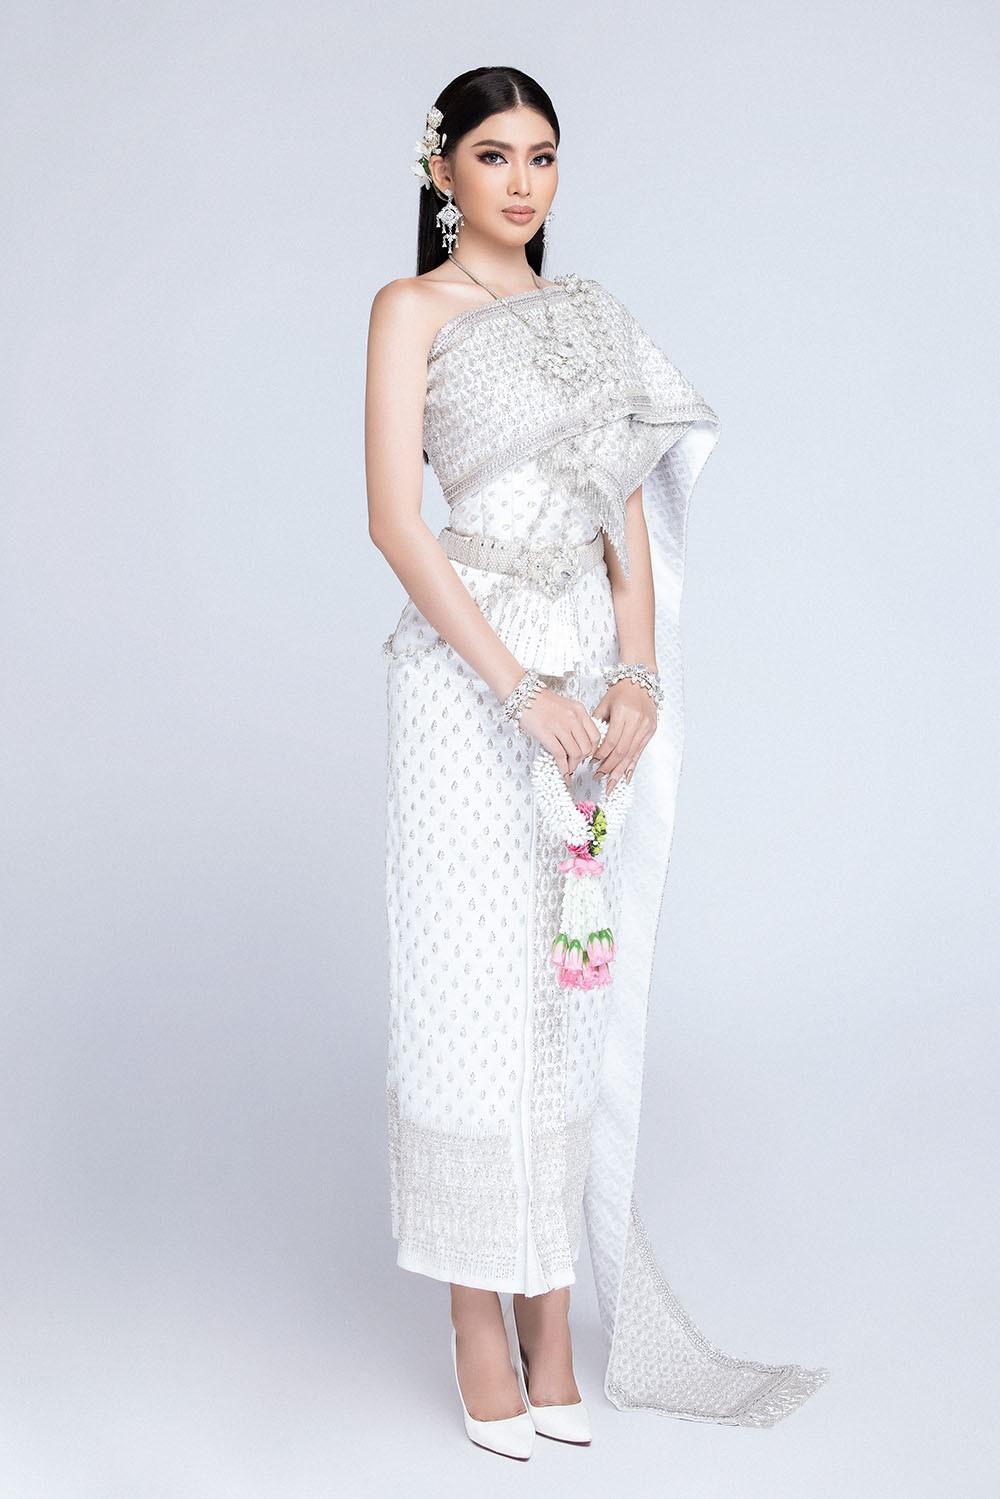 Sau khi bị hack instagram, Ngọc Thảo tung bộ ảnh đẹp 'đỉnh cao' khi mặc quốc phục Thái Lan ảnh 1